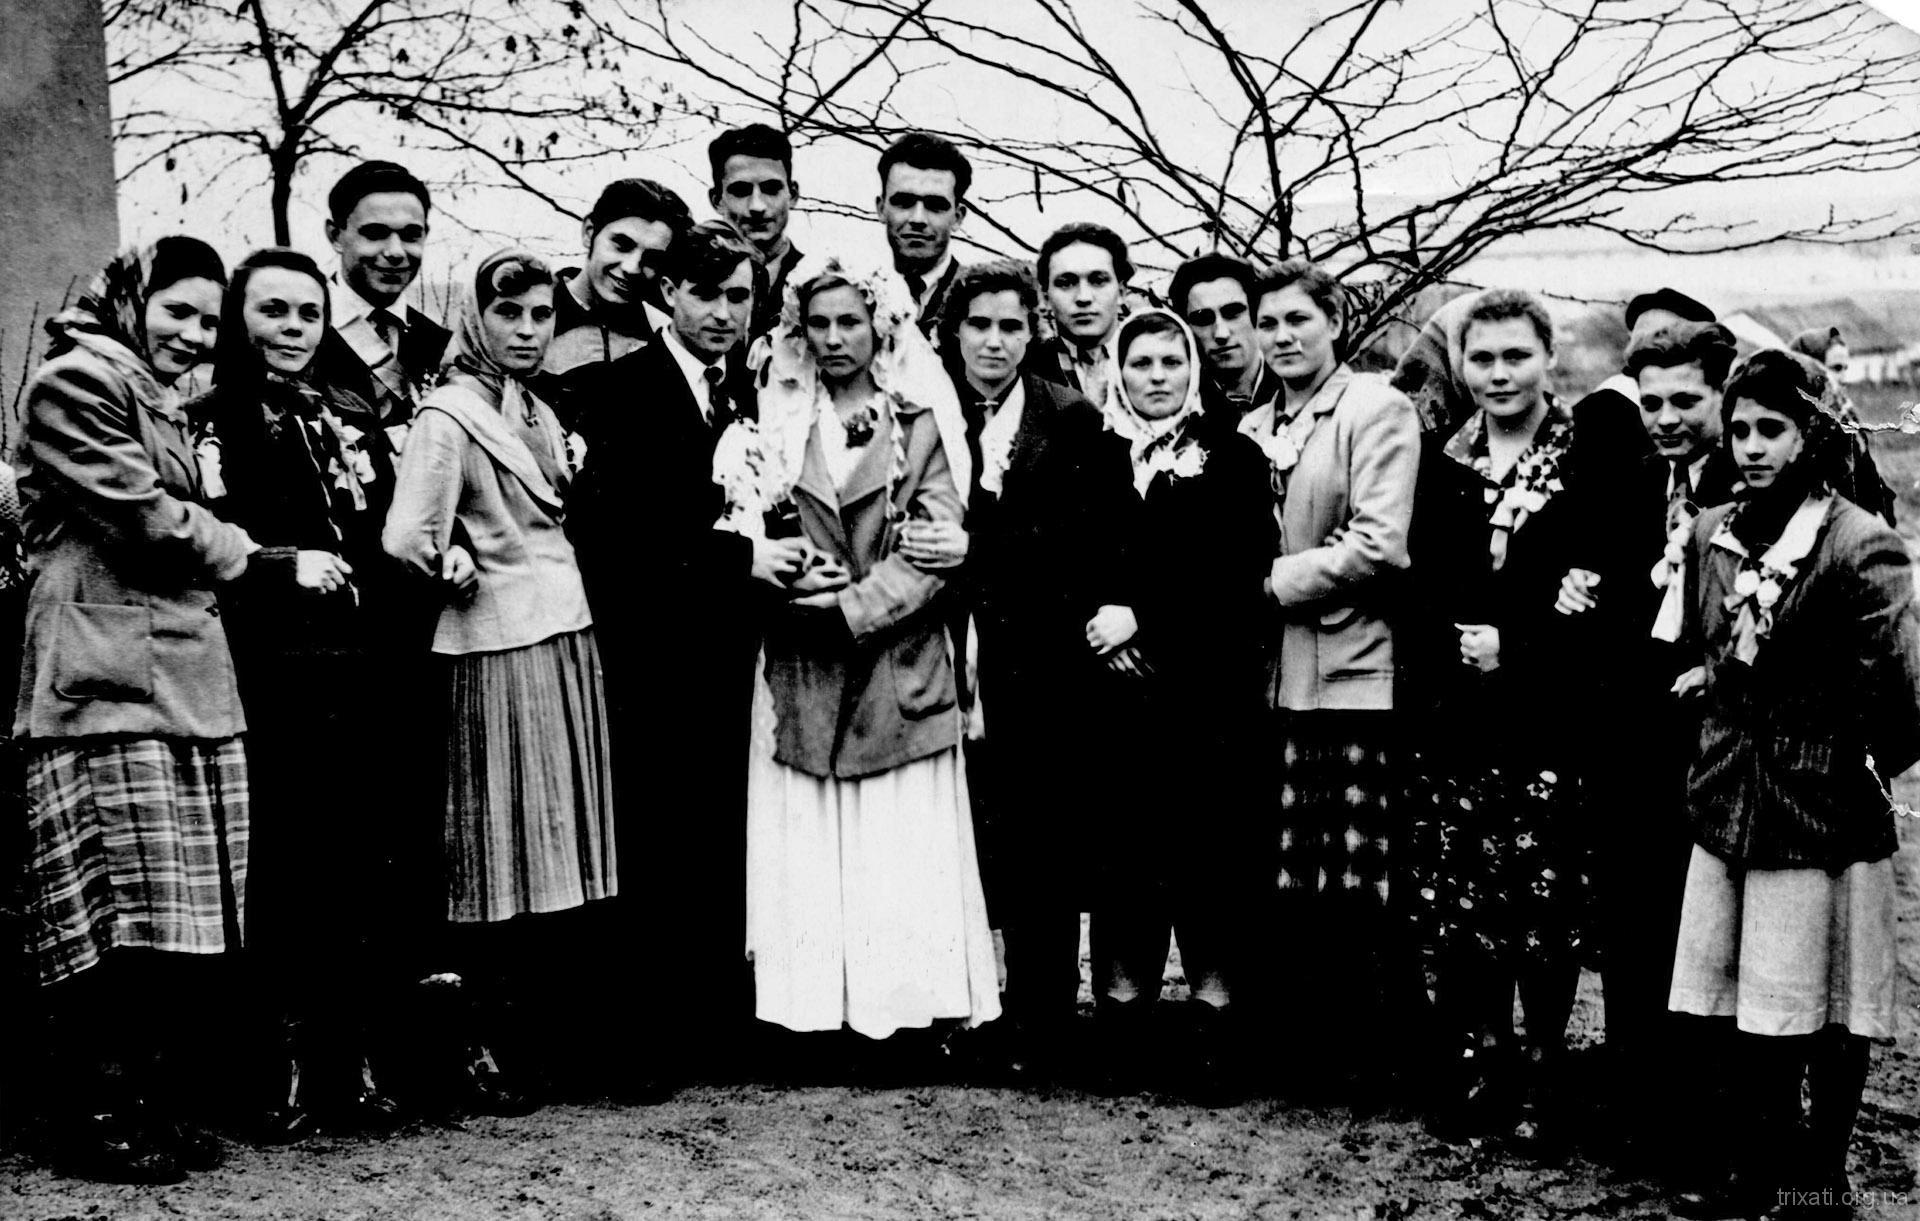 Весілля Усікова Анатолія та його жінки Євгенії